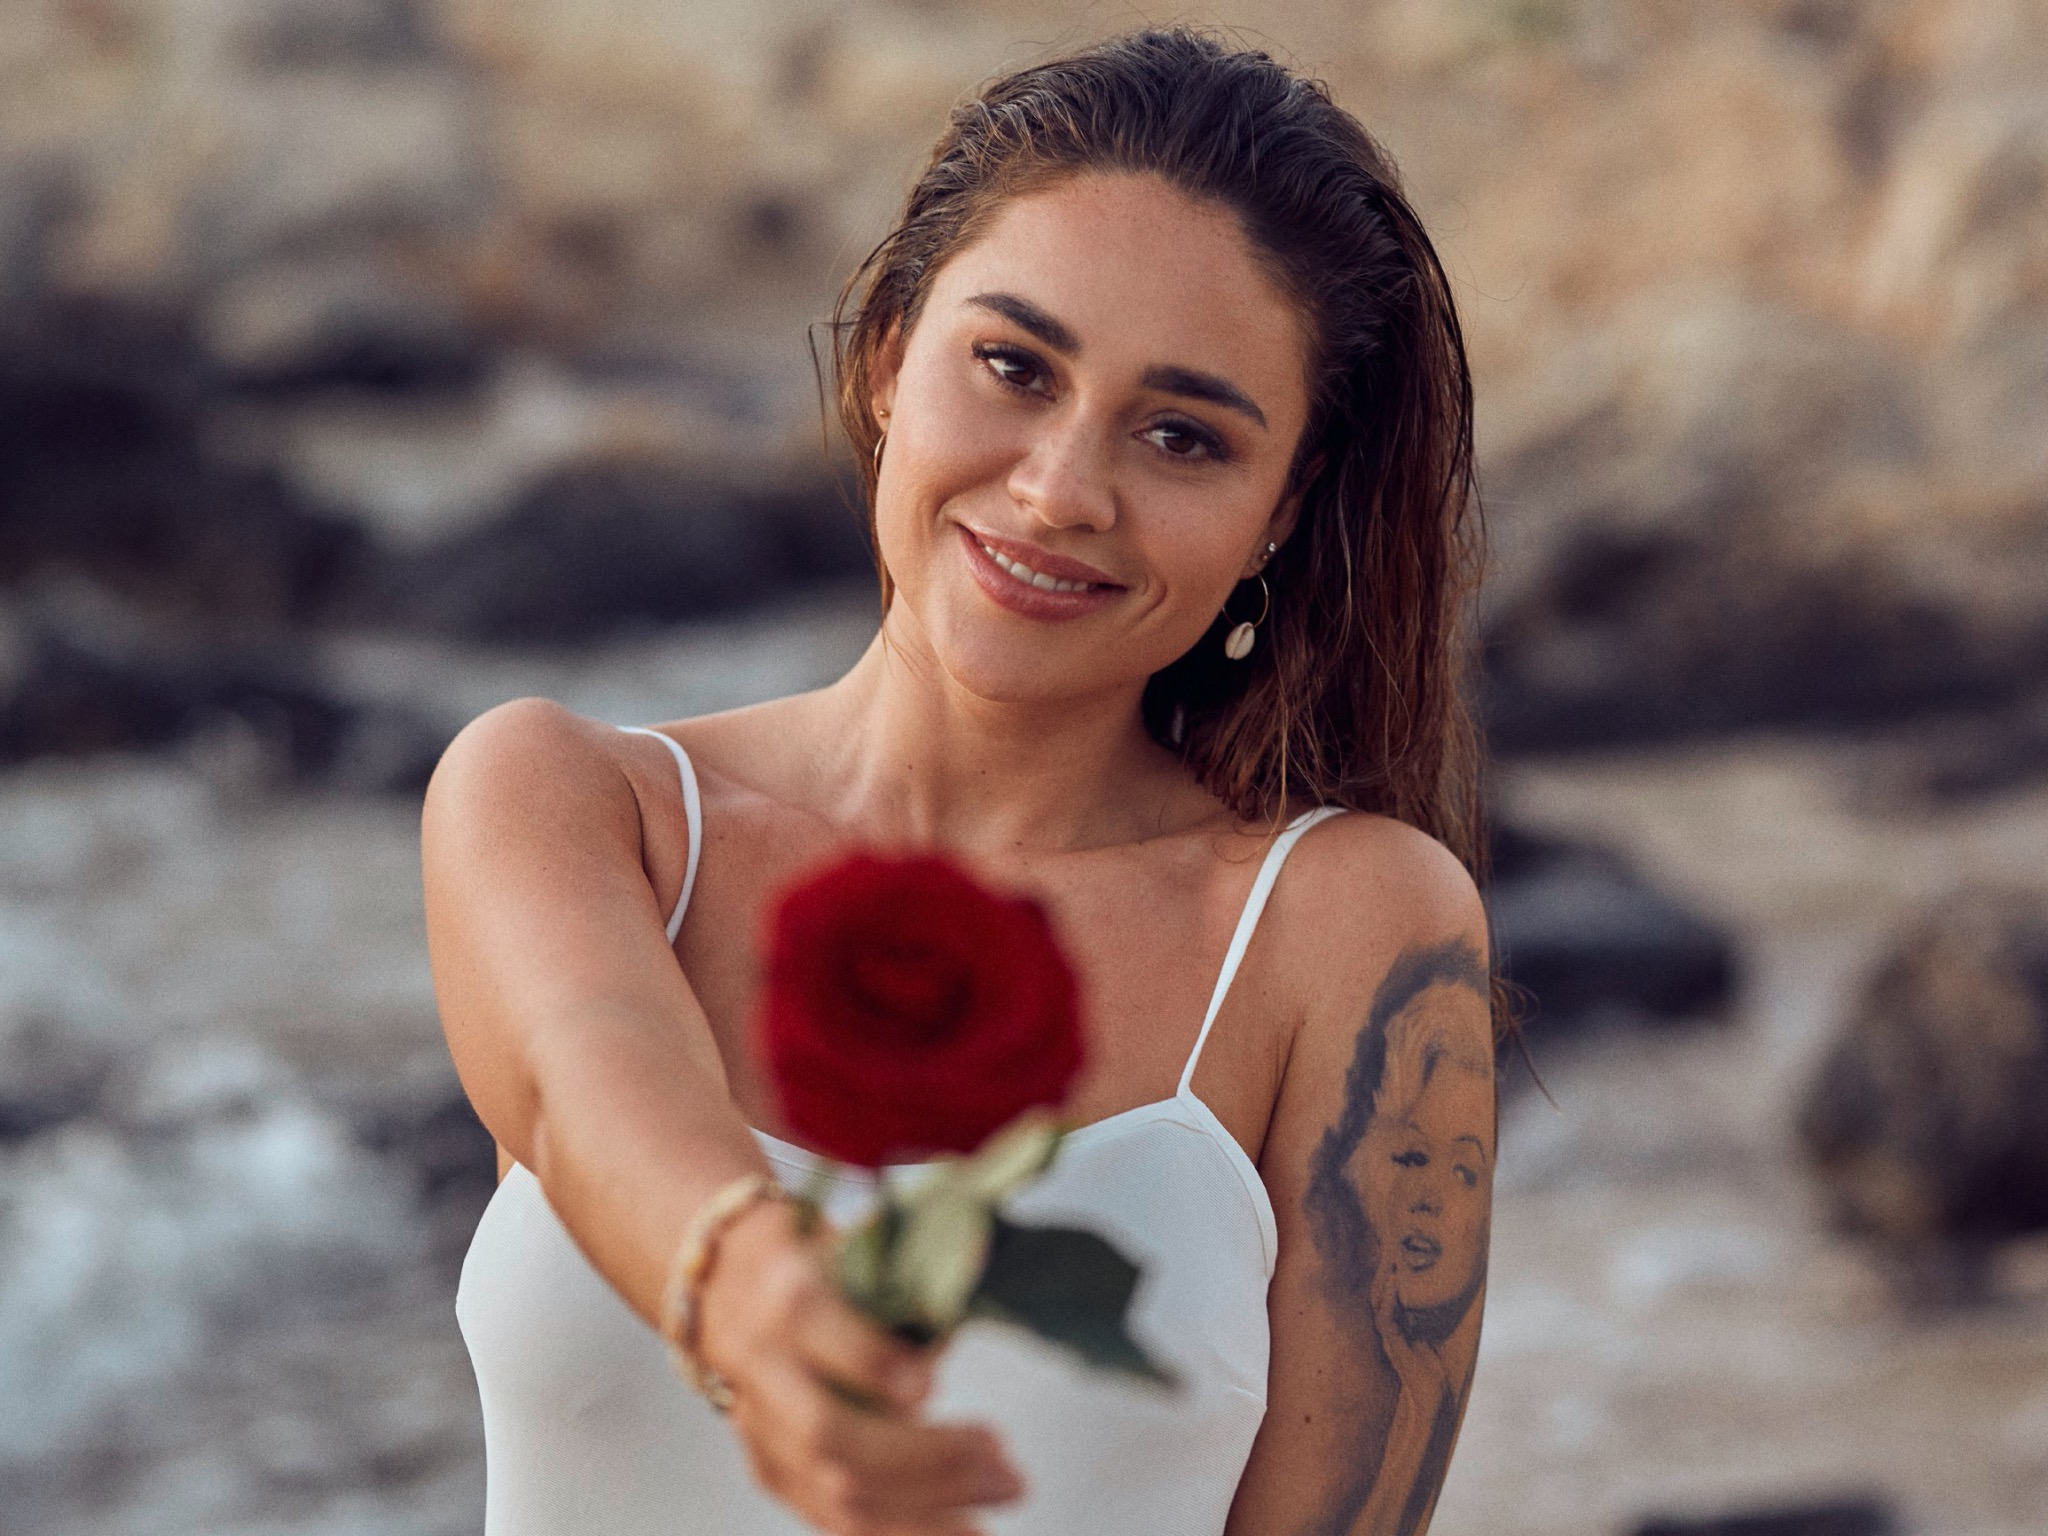 Melissa ist die Bachelorette 2020. Foto: TVNOW